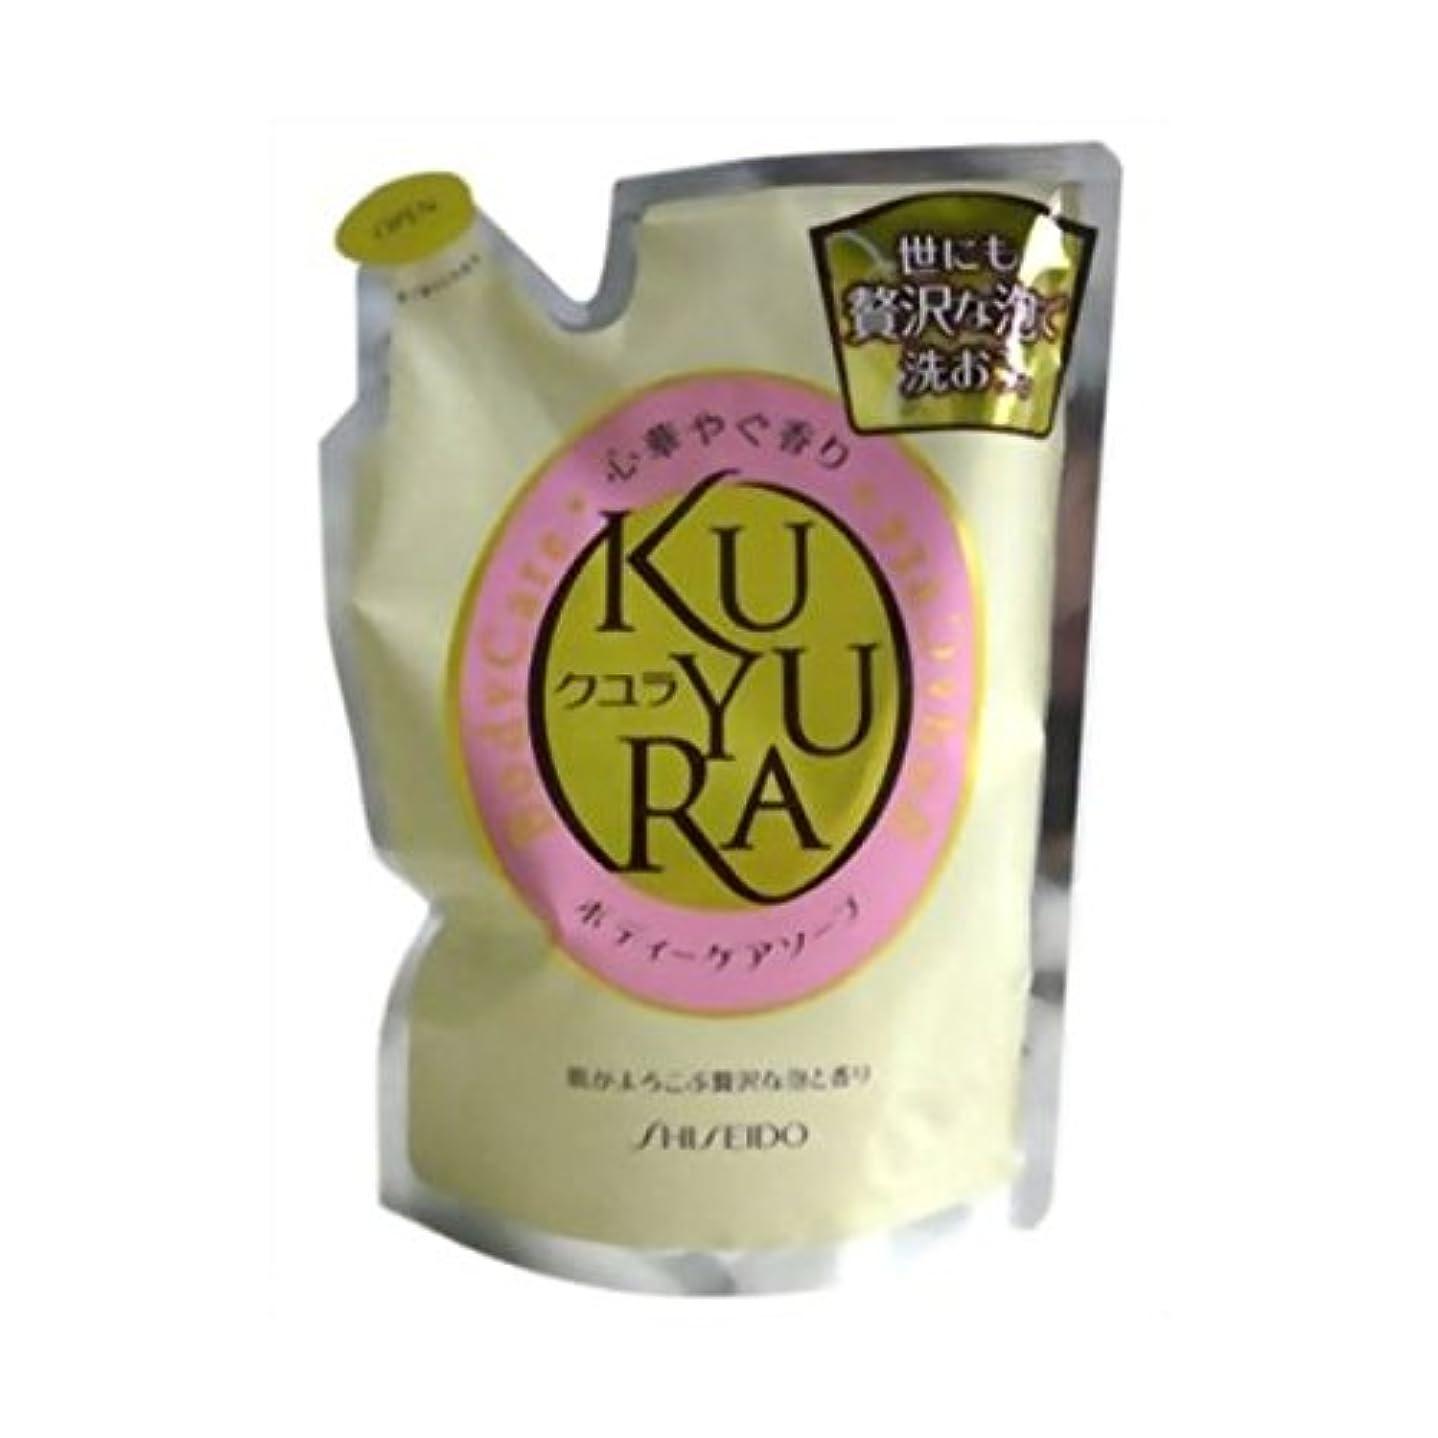 風景名誉ぎこちない【お徳用 3 セット】 クユラ ボディケアソープ 心華やぐ香り つめかえ用400ml×3セット